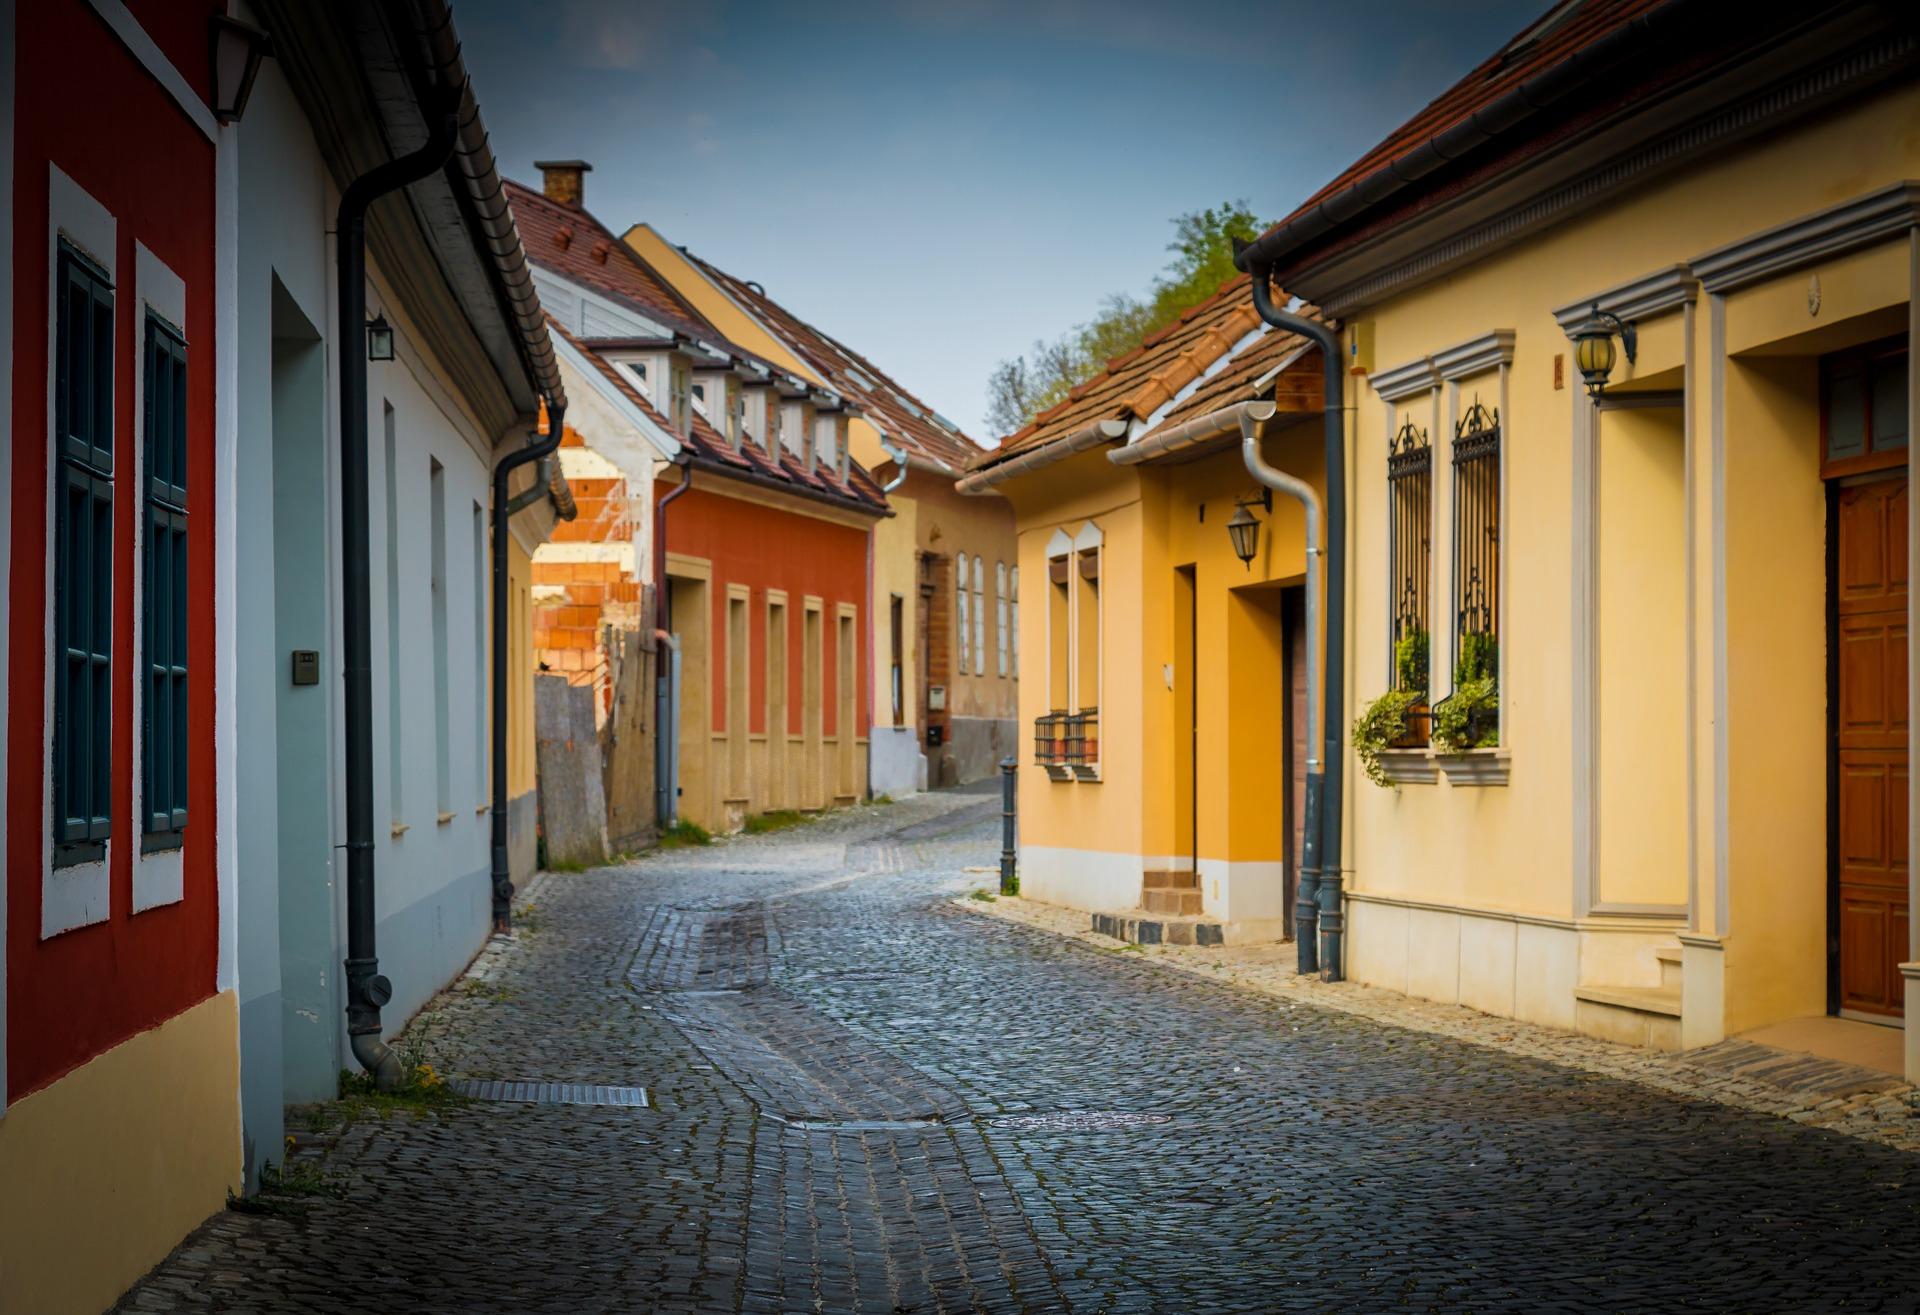 ulica-domy-susedia-zamkova-dlazba-susedstvo-okna-dvere